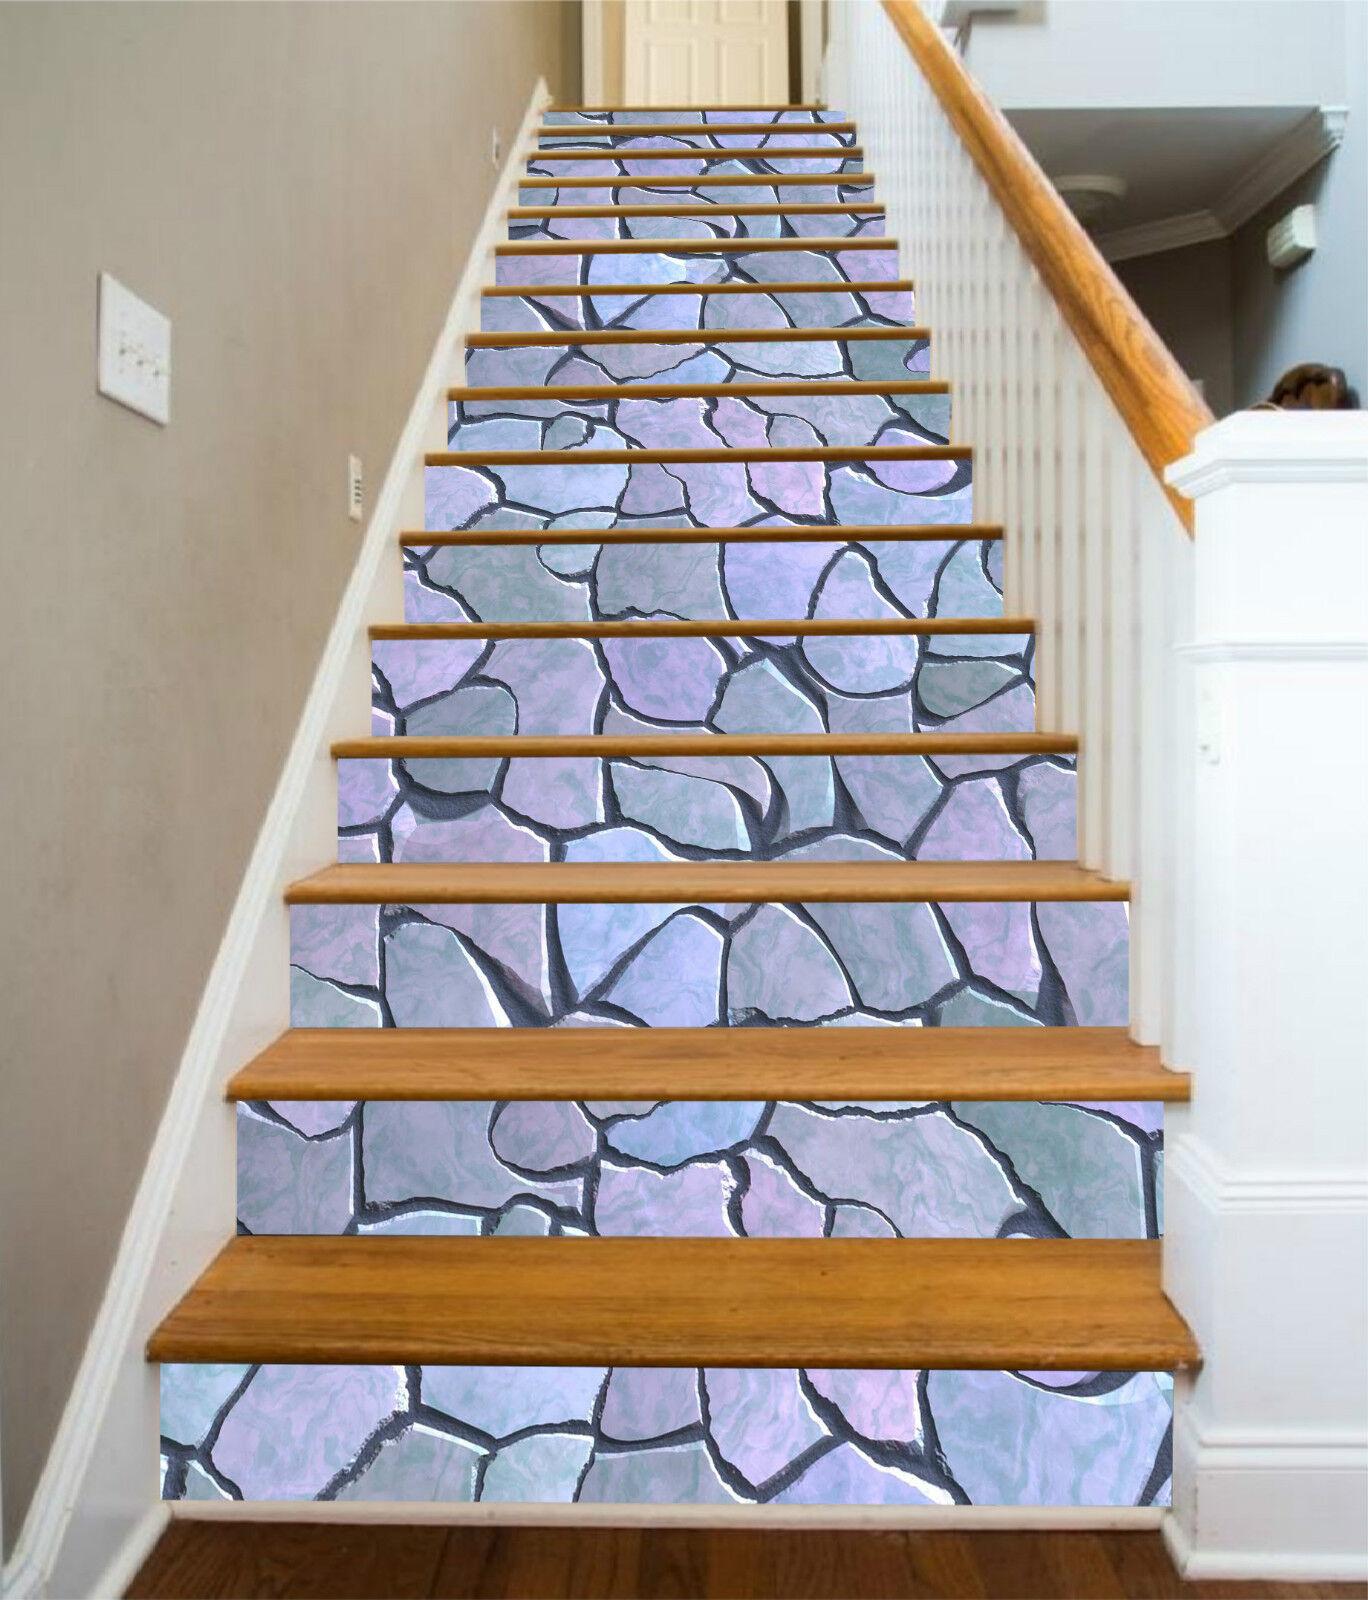 3D Stein Malerei 83 Stair Risers Dekoration Fototapete Vinyl Aufkleber Tapete DE